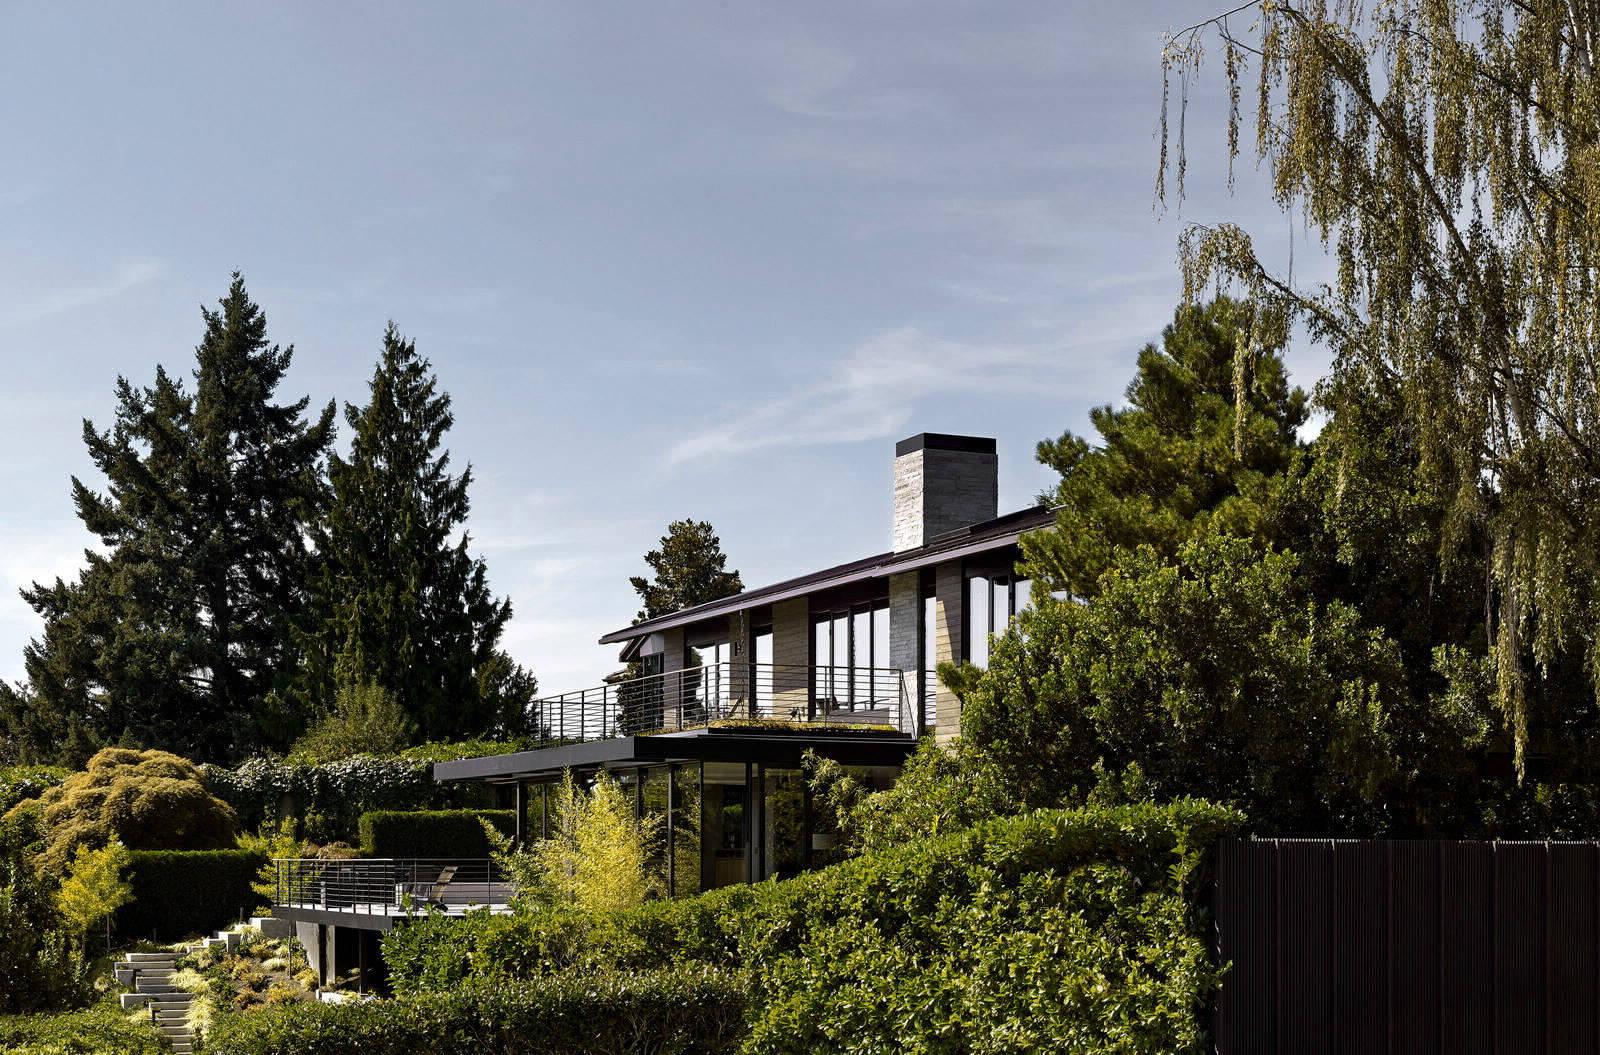 Дом с садом во внутреннем дворике в Сиэтле